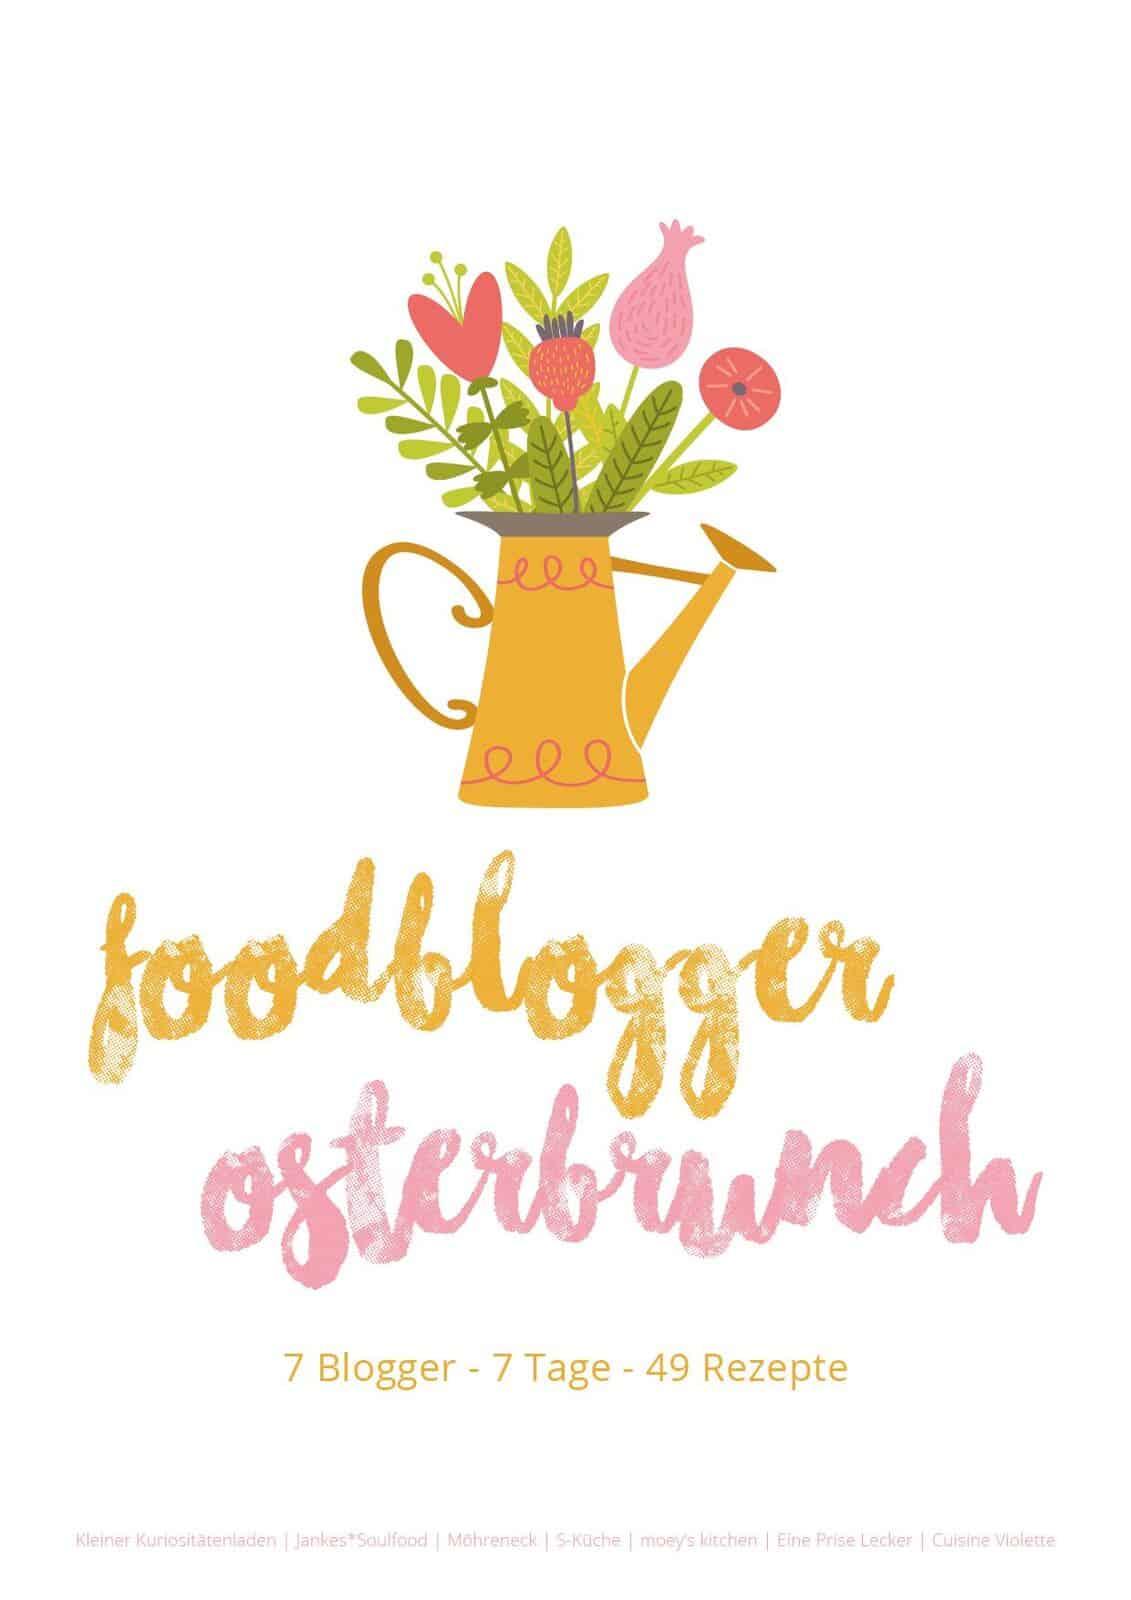 Der Foodblogger-Osterbrunch mit 49 tollen Rezepten von 7 Bloggern.